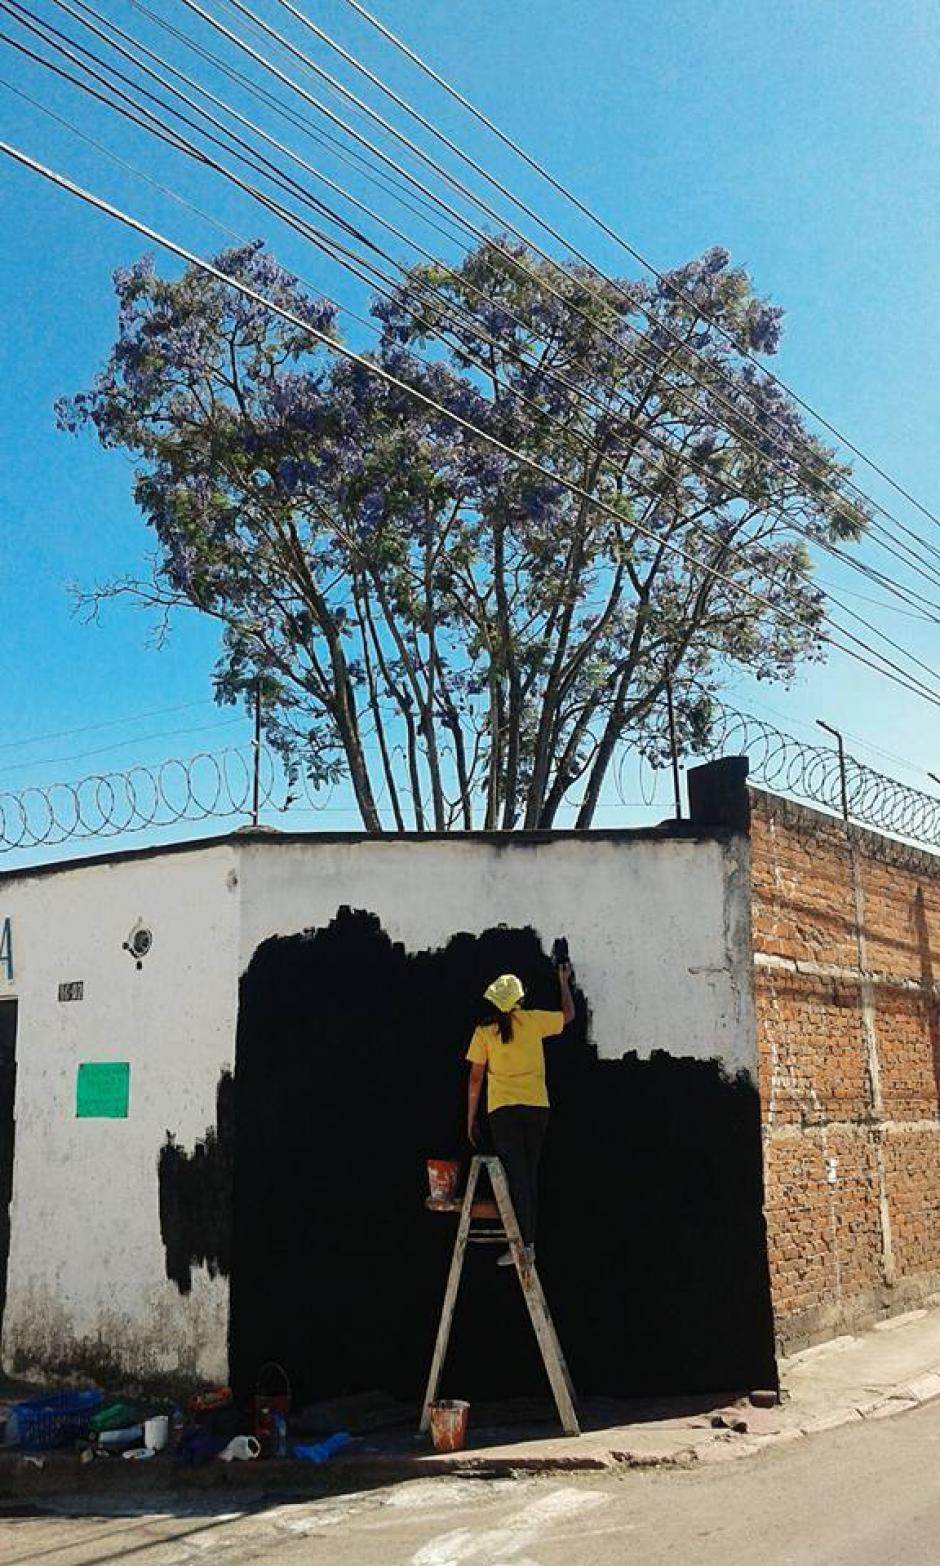 """El proyecto se llama """"Festival de Primavera"""" y tiene como objetivo dar vida a las calles con arte. (Foto: Celeste Mayorga)"""